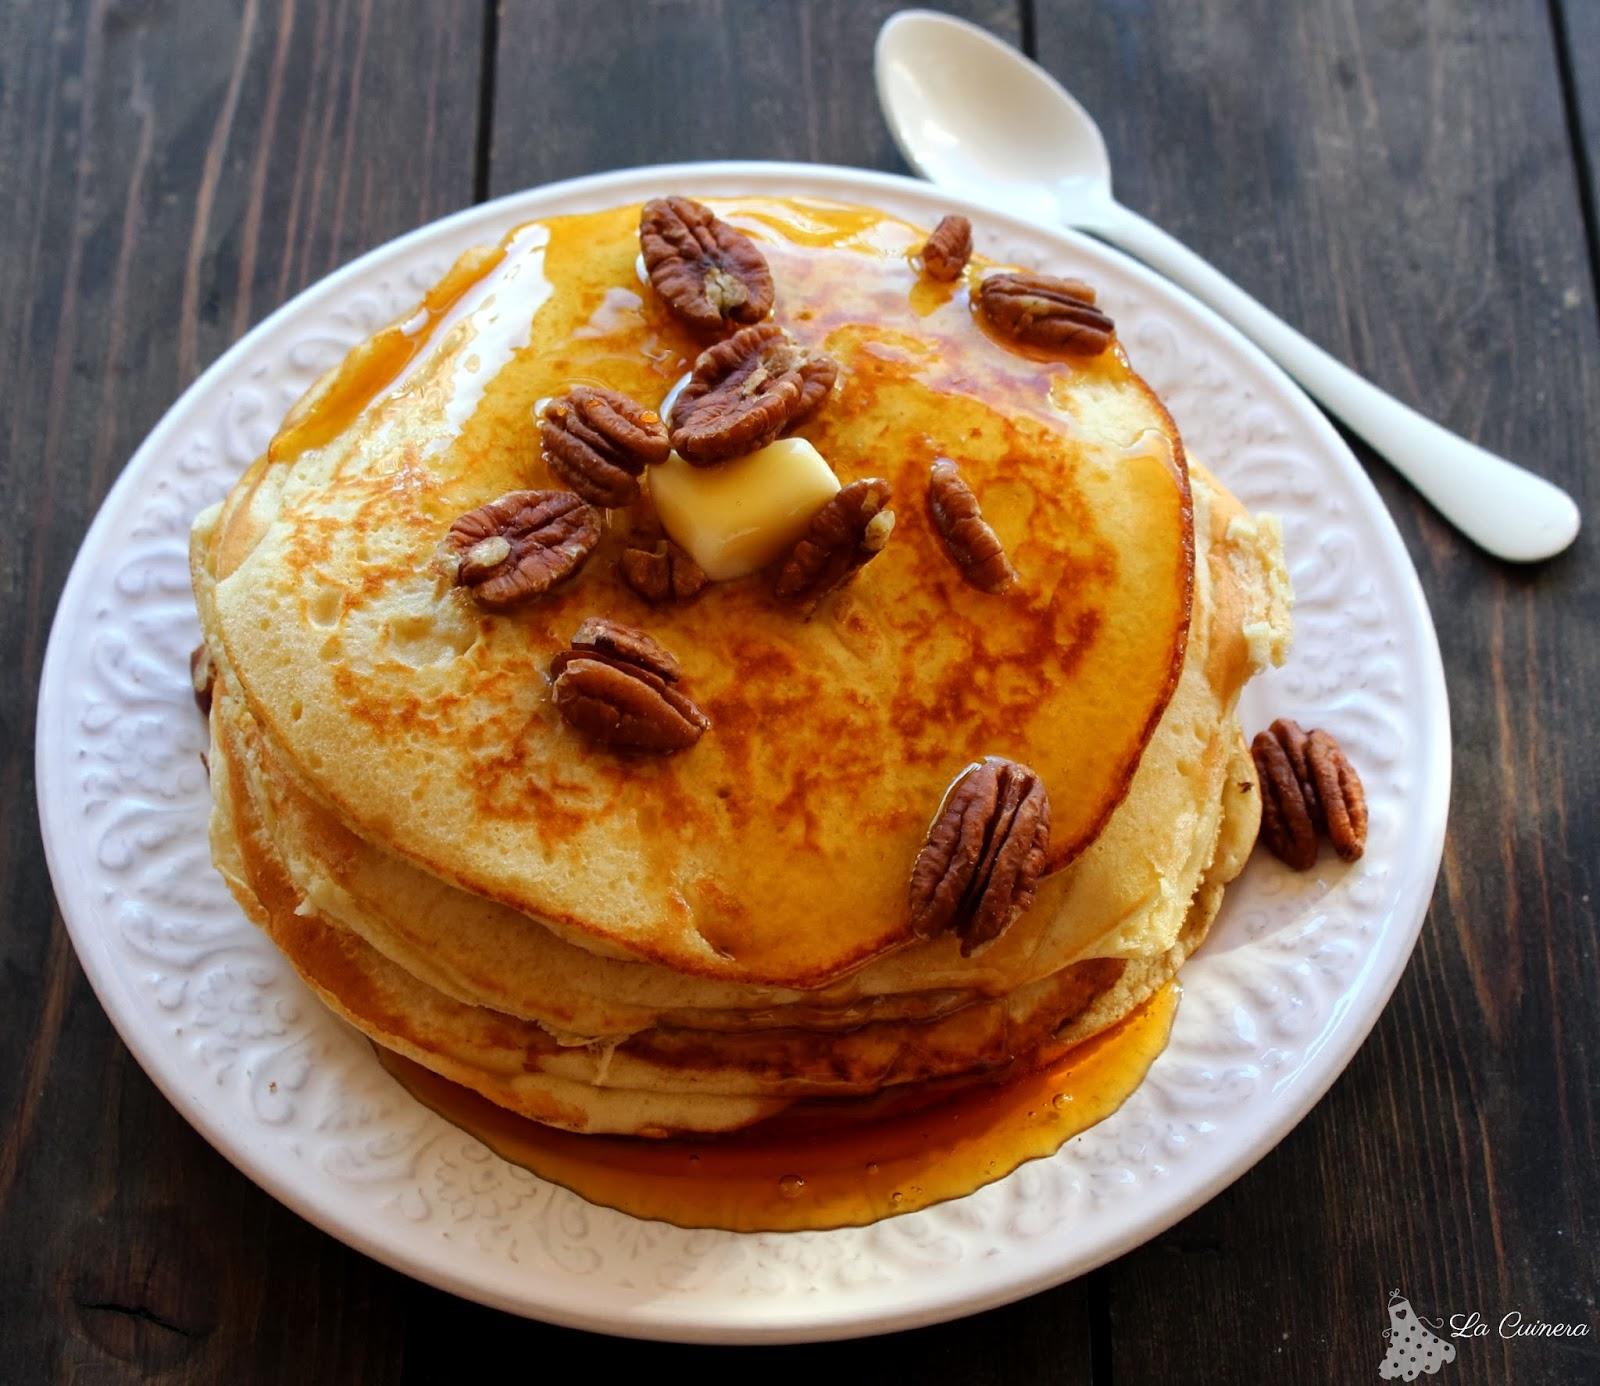 como hacer pancakes o tortitas americanas en casa